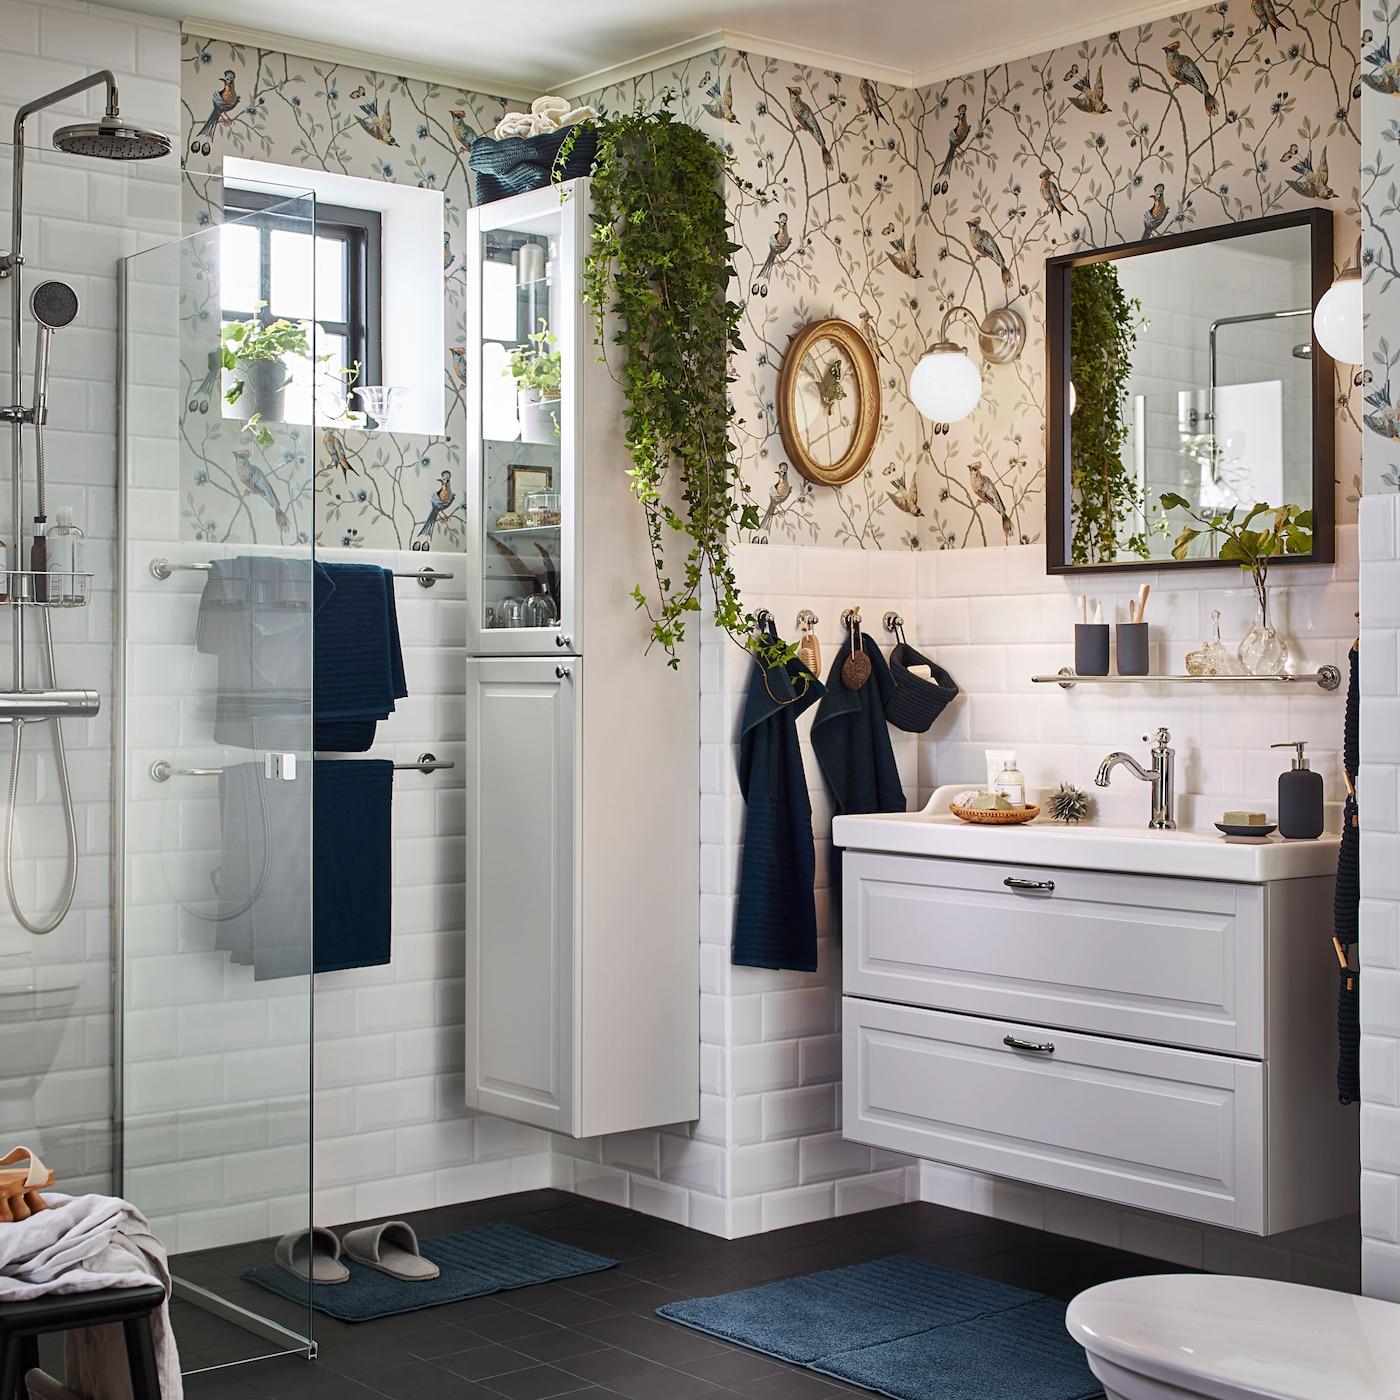 Luo rentouttava tunnelma kylpyhuoneeseesi IKEA GODMORGON vaaleilla kylpyhuonekalusteilla. GODMORGON vaaleanharmaa allaskaluste kahdella laatikolla ja vaaleanharmaa korkea kylpyhuoneen kaappi vitriiniovilla. LILLHOLMEN nikkelöity seinävalaisin antaa pehmeän hehkuvaa valoa aamuihin ja iltoihin.